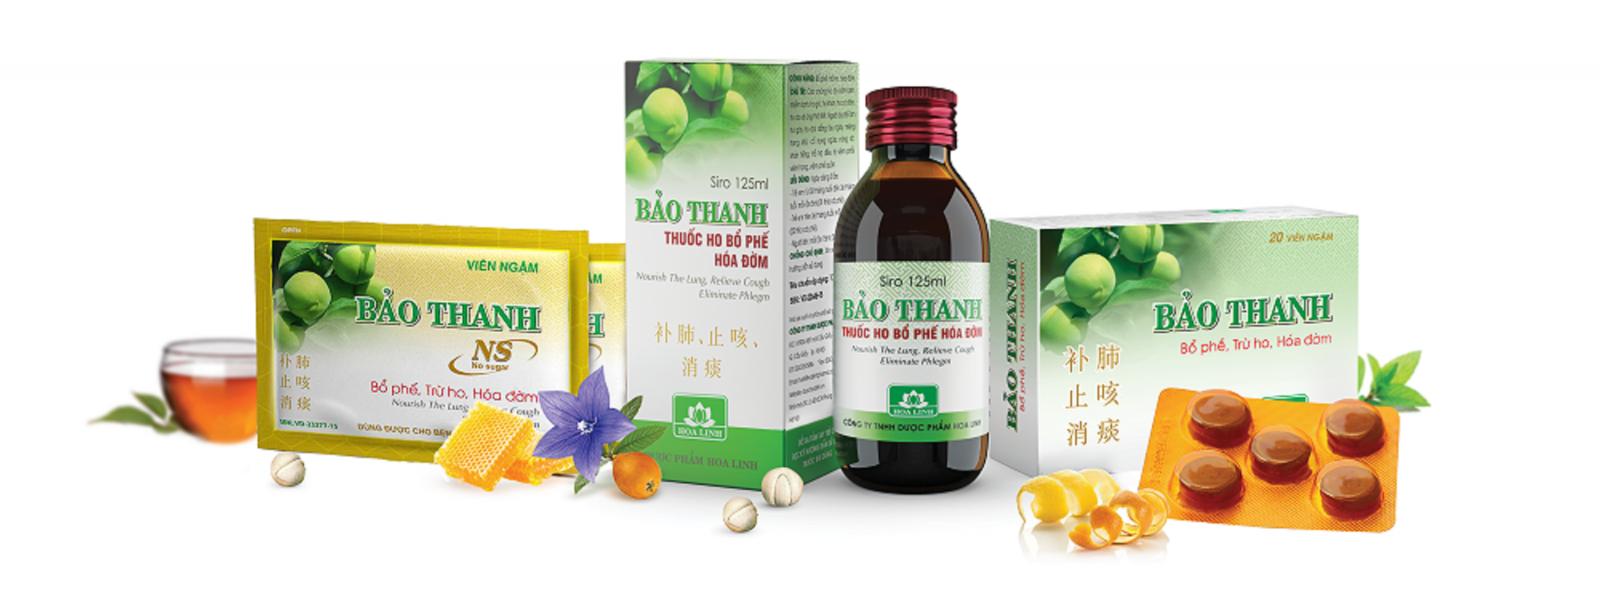 Thuốc ho bổ phế Bảo Thanh có nguồn gốc từ bài thuốc cổ phương hơn 300 năm